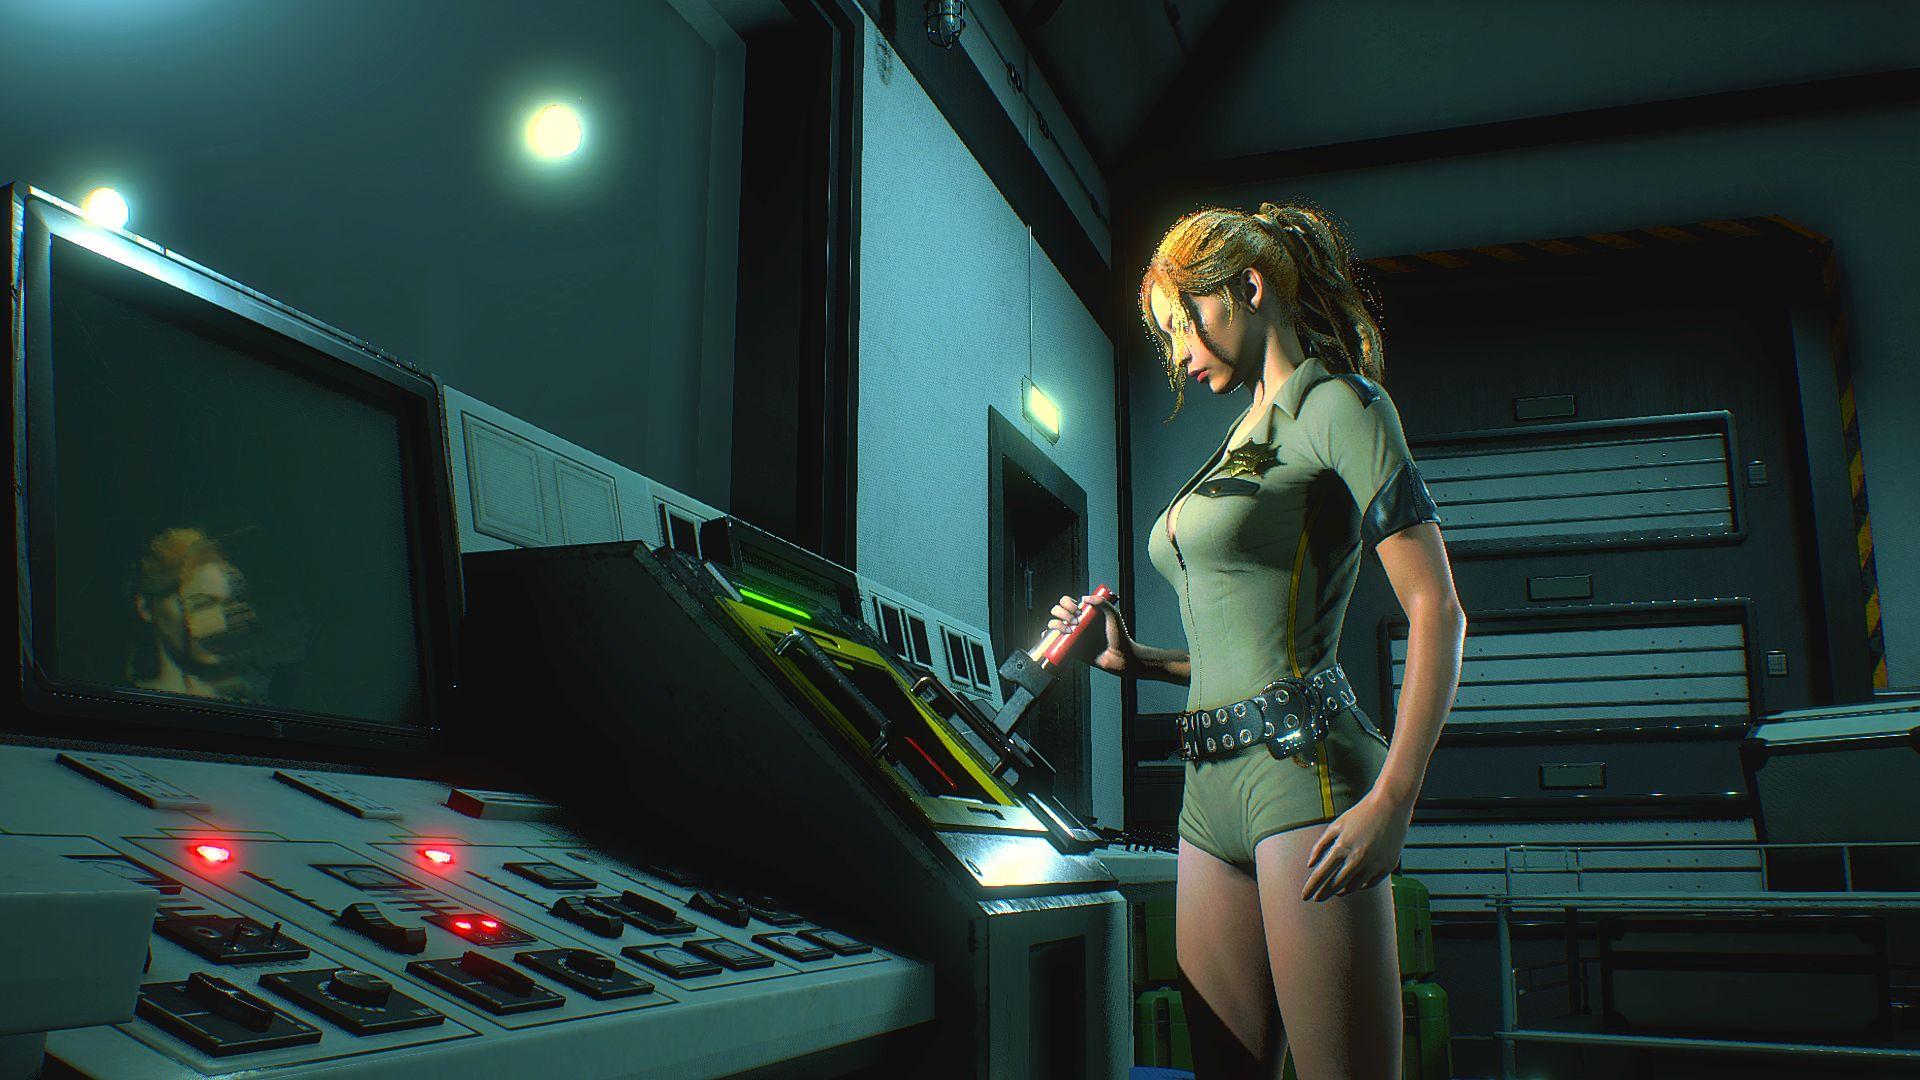 001240.Jpg - Resident Evil 2